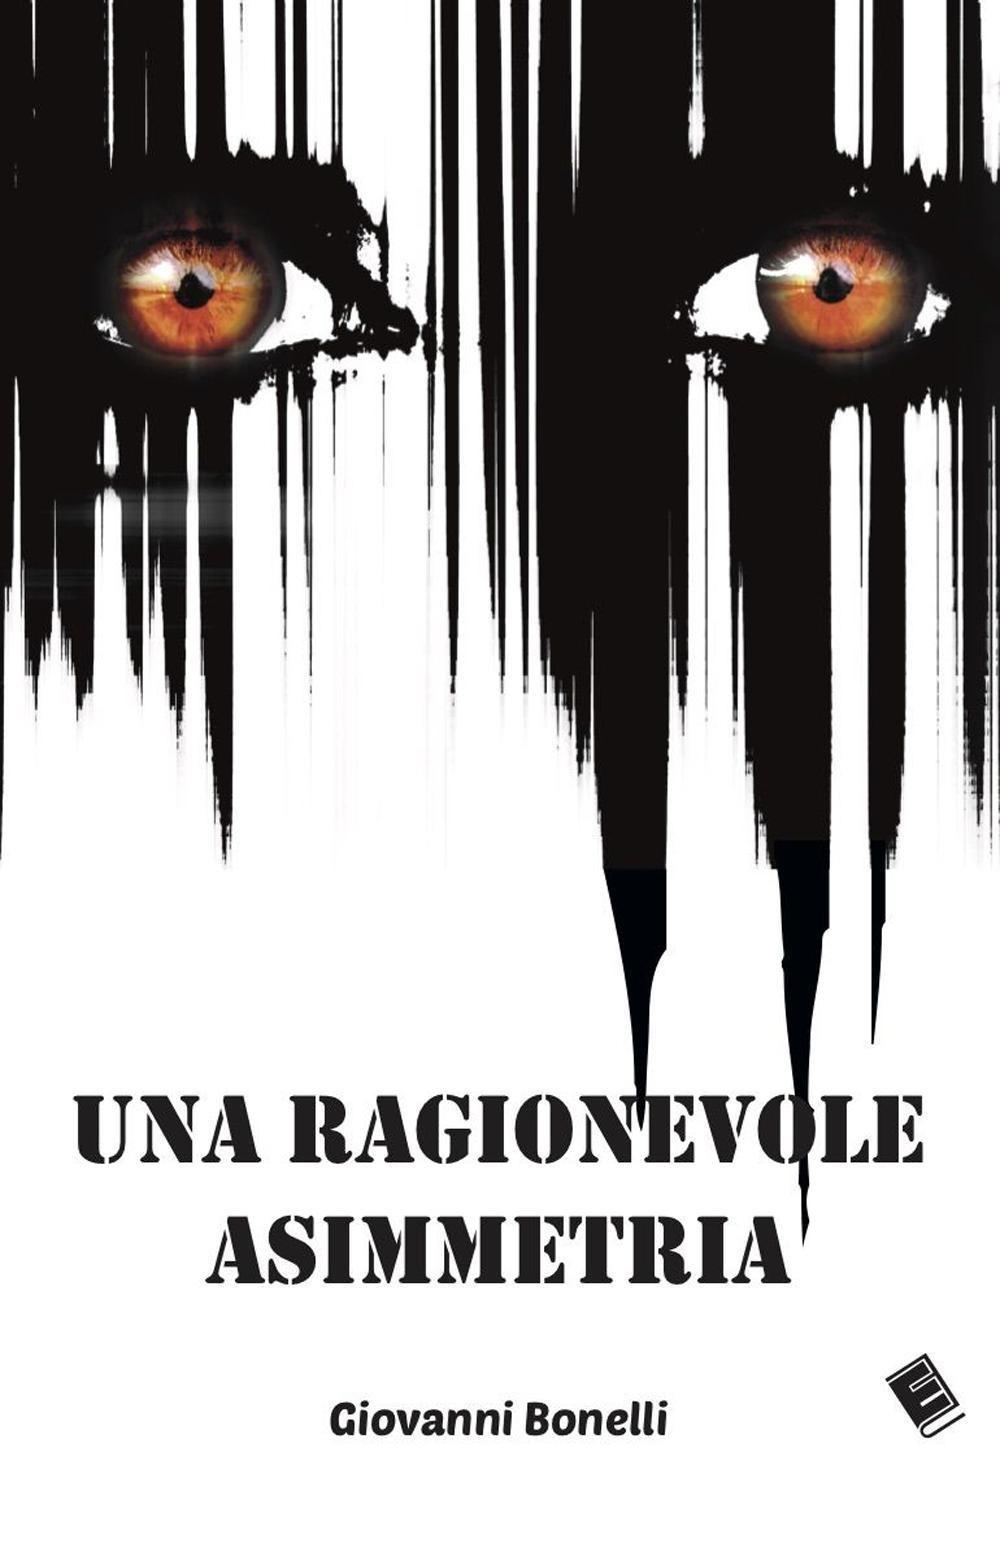 Giovanni Bonelli - Una ragionevole asimmetria